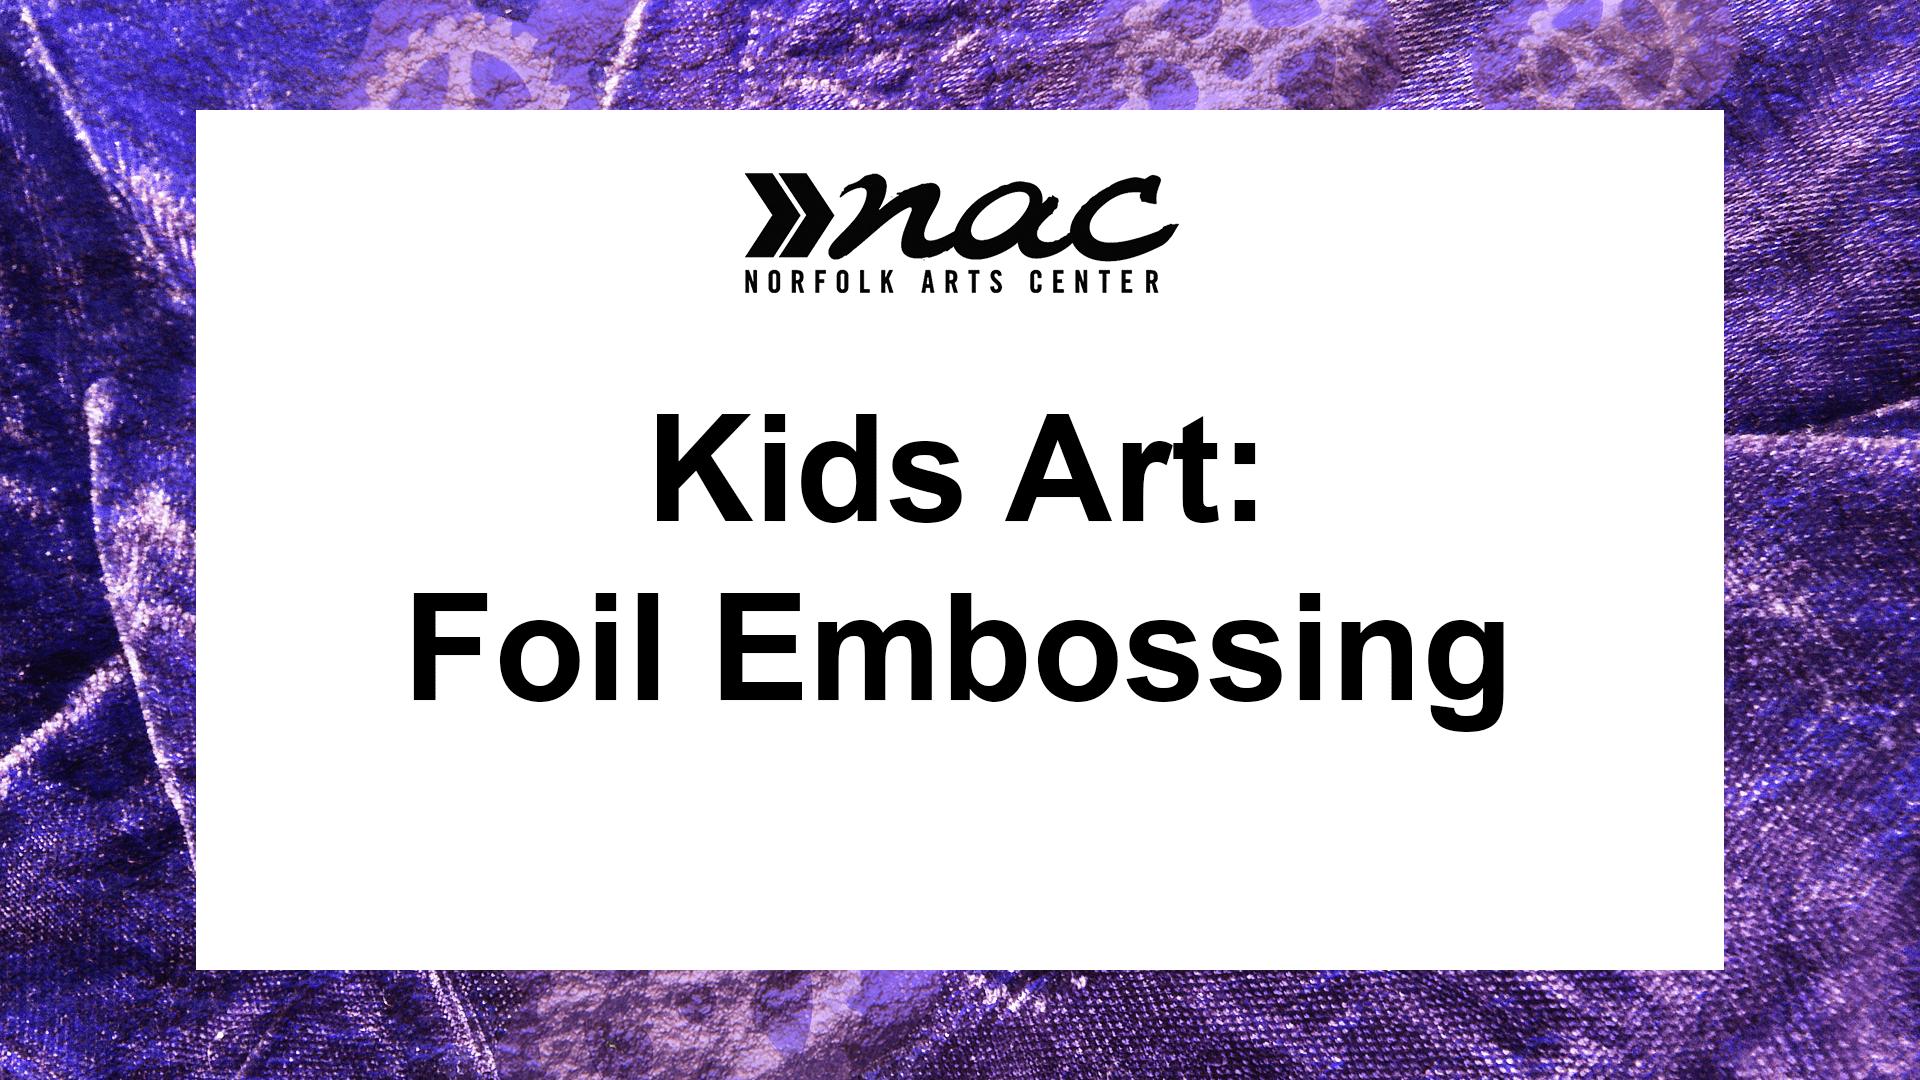 Kids Art Foil Embossing